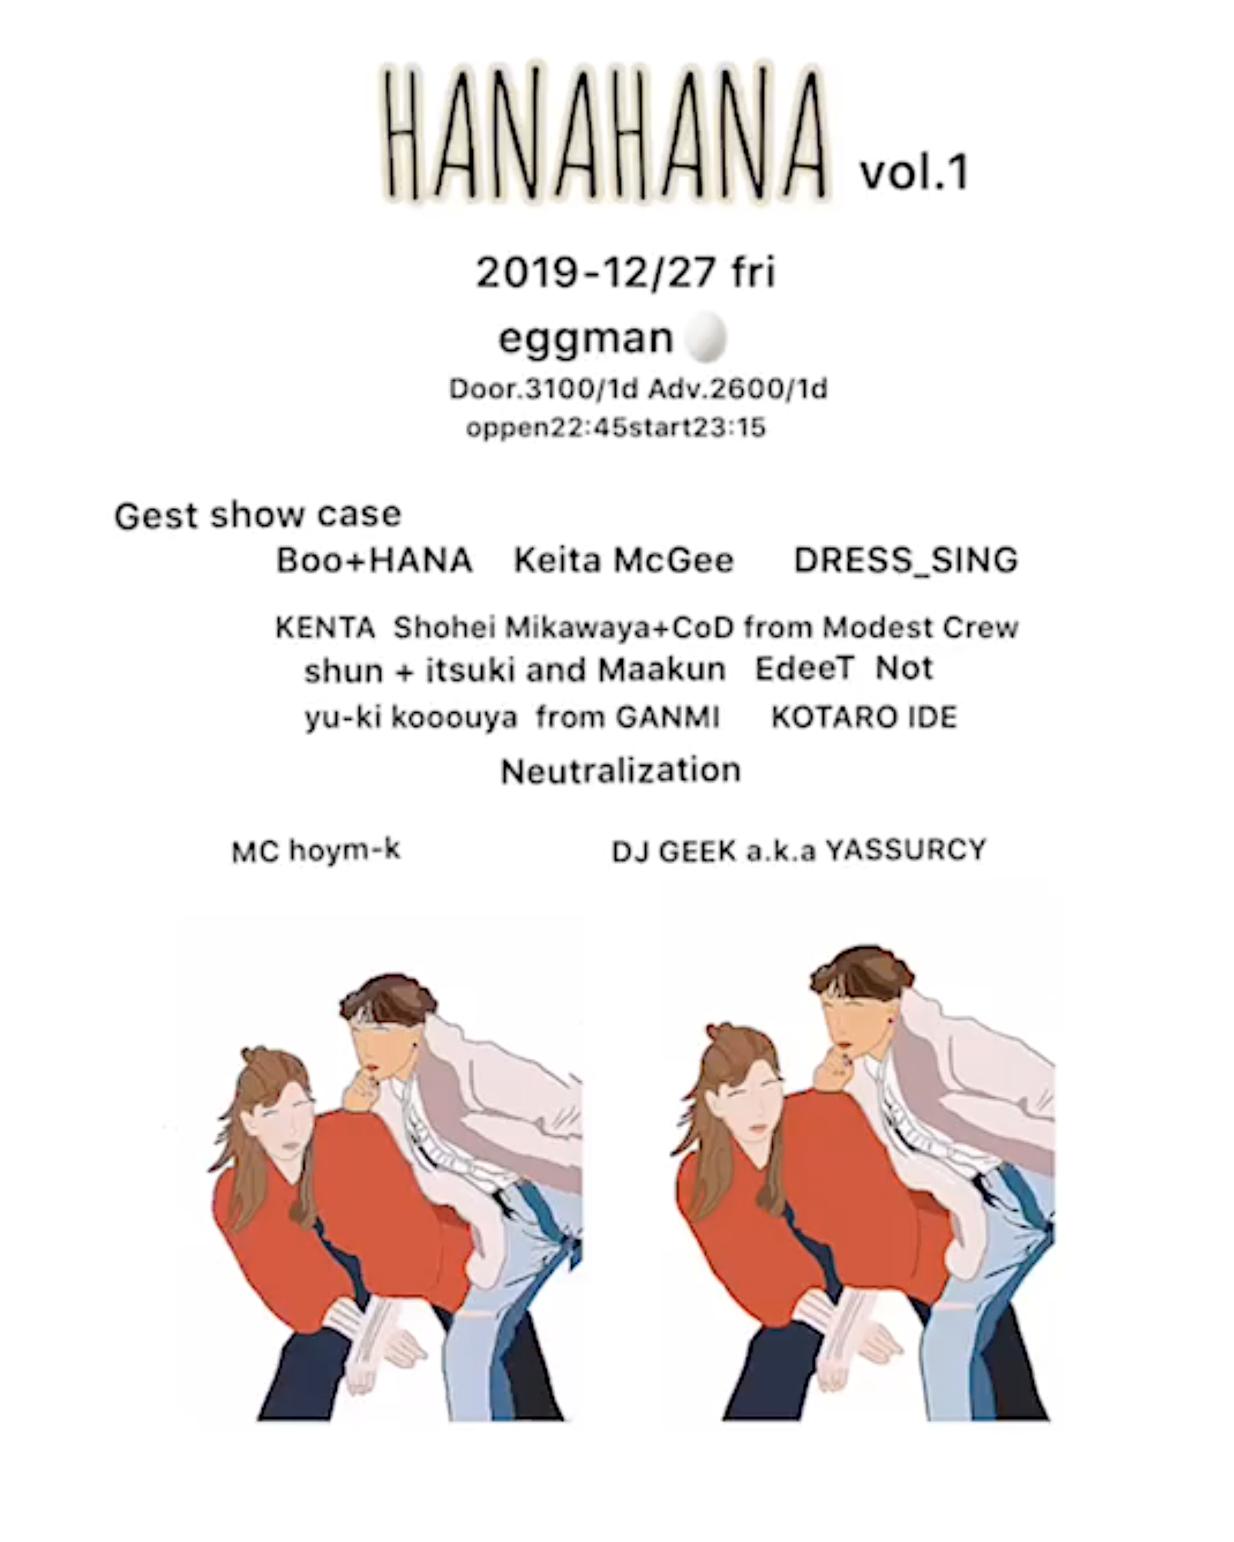 HANAHANA vol.1